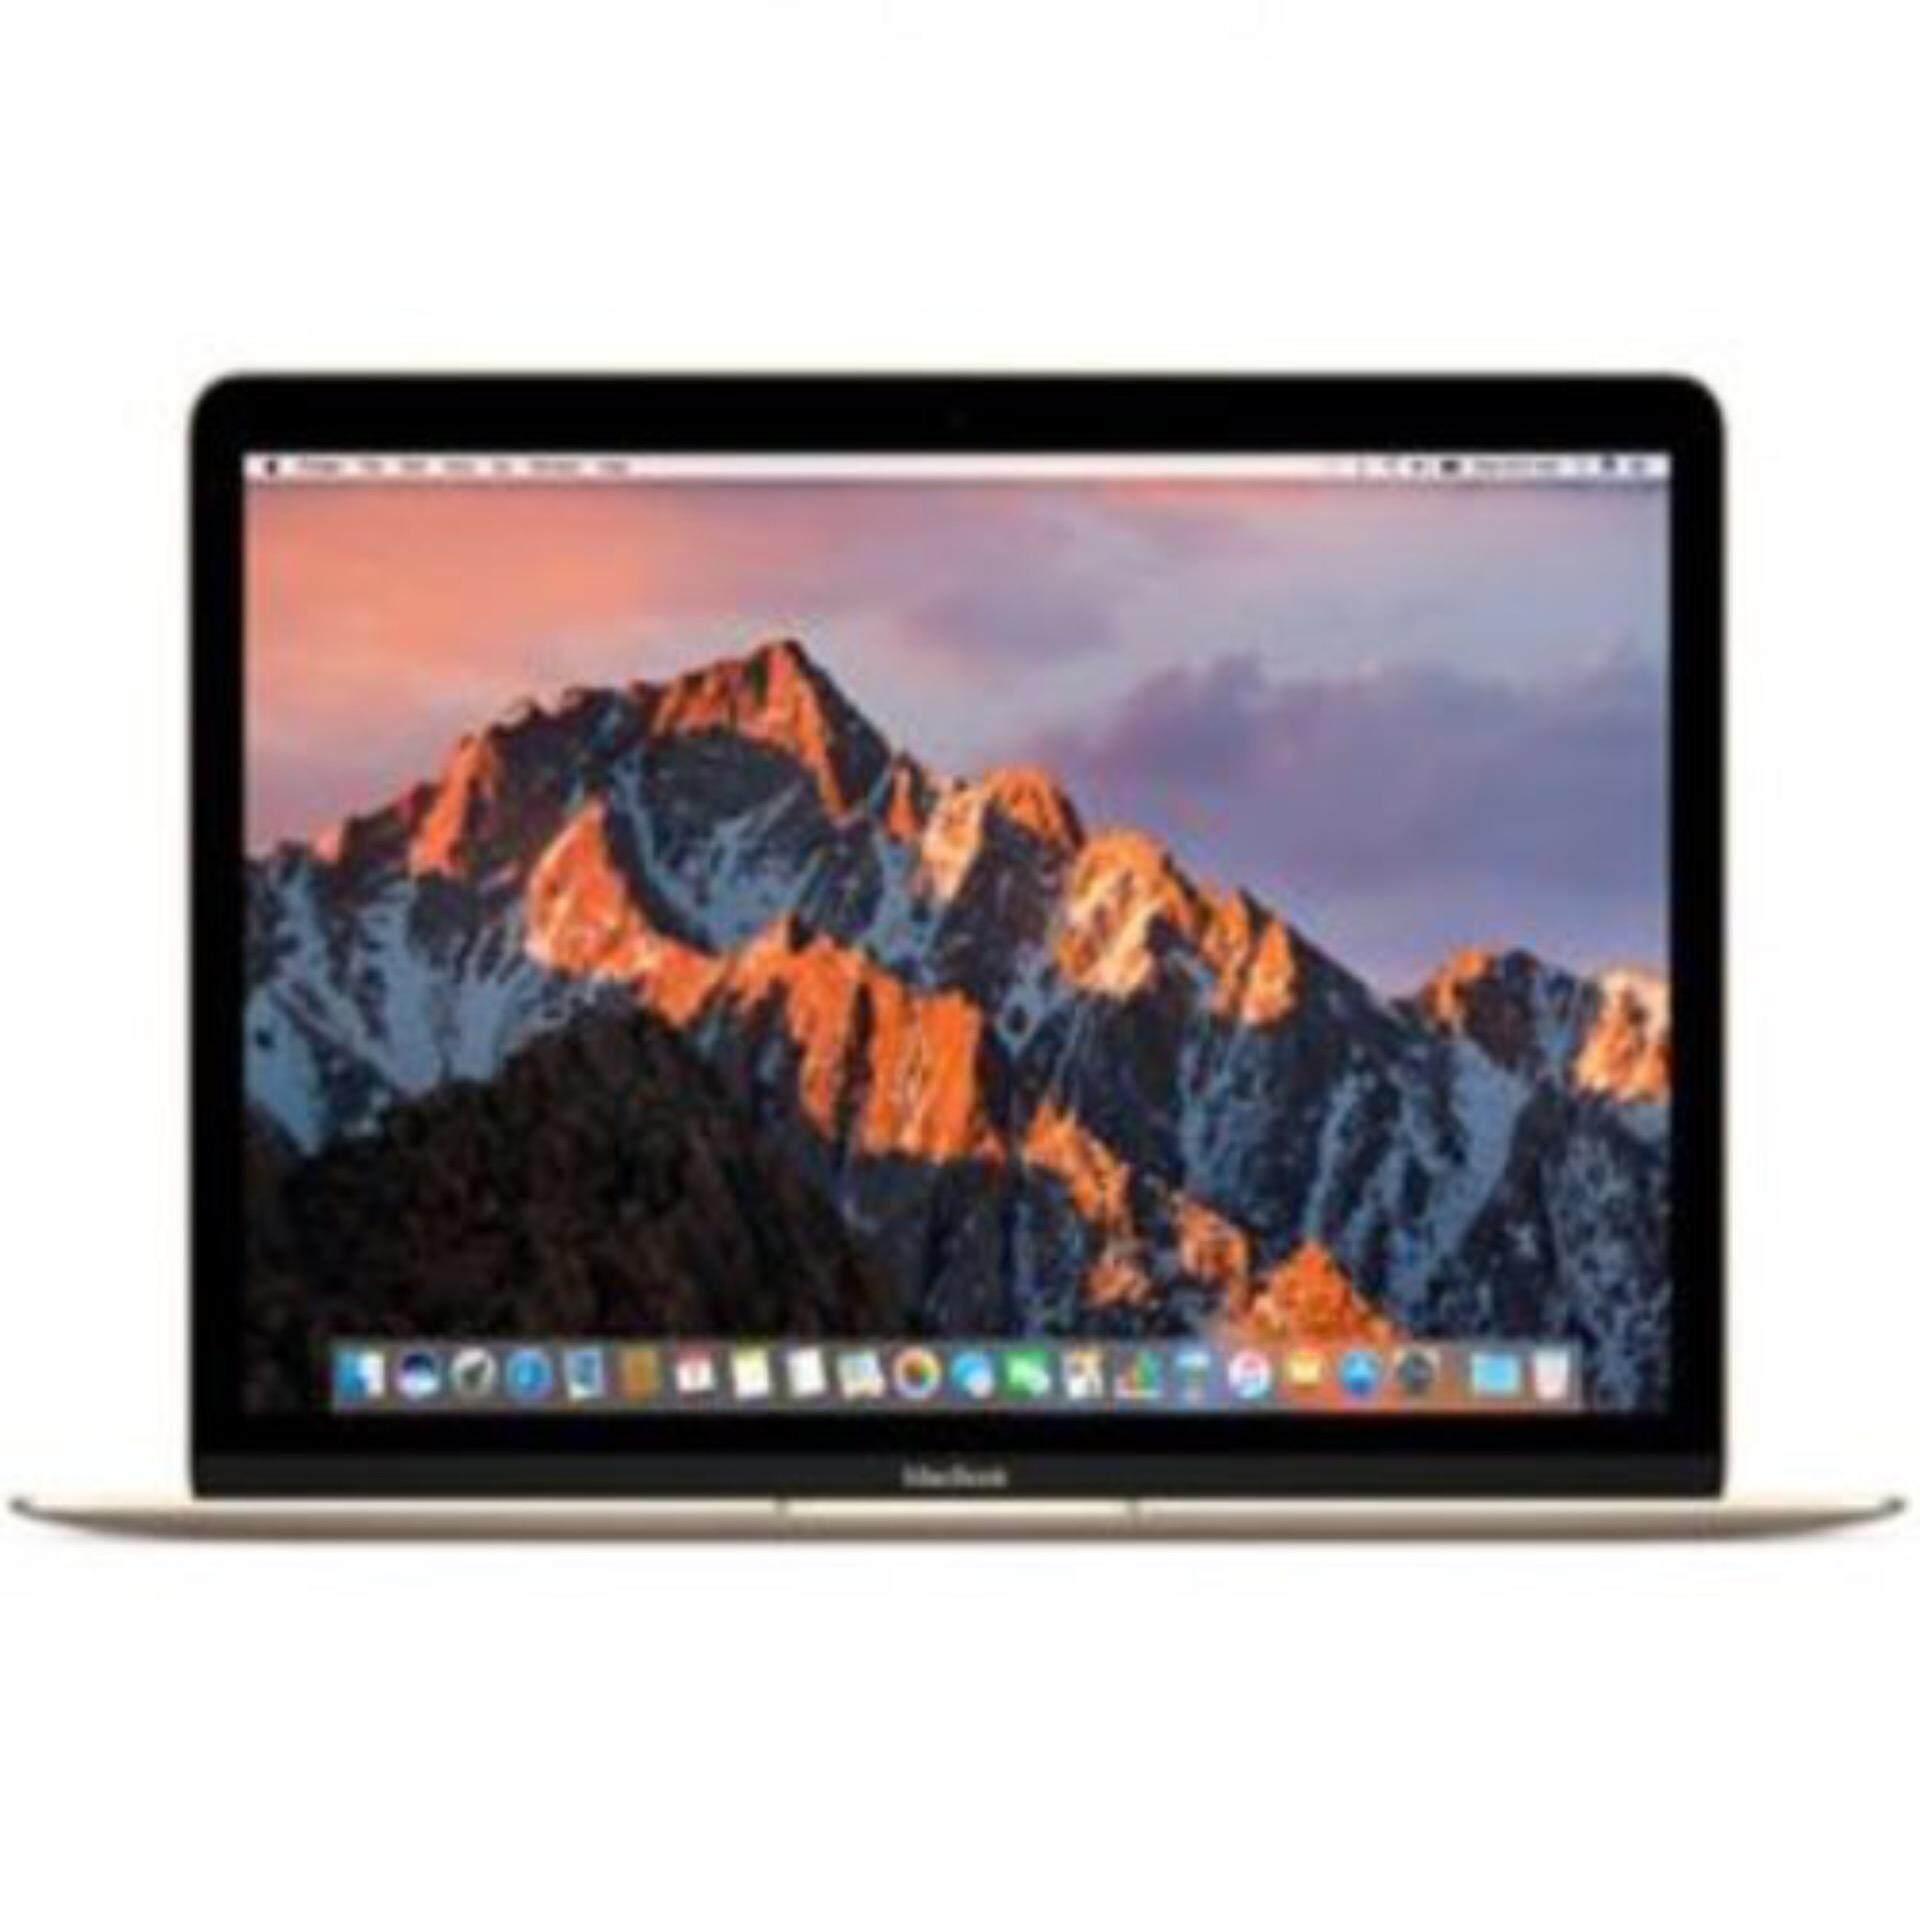 MacBook 12 (1.1GHz/ 8GB / 256GB Storage) Gold Malaysia